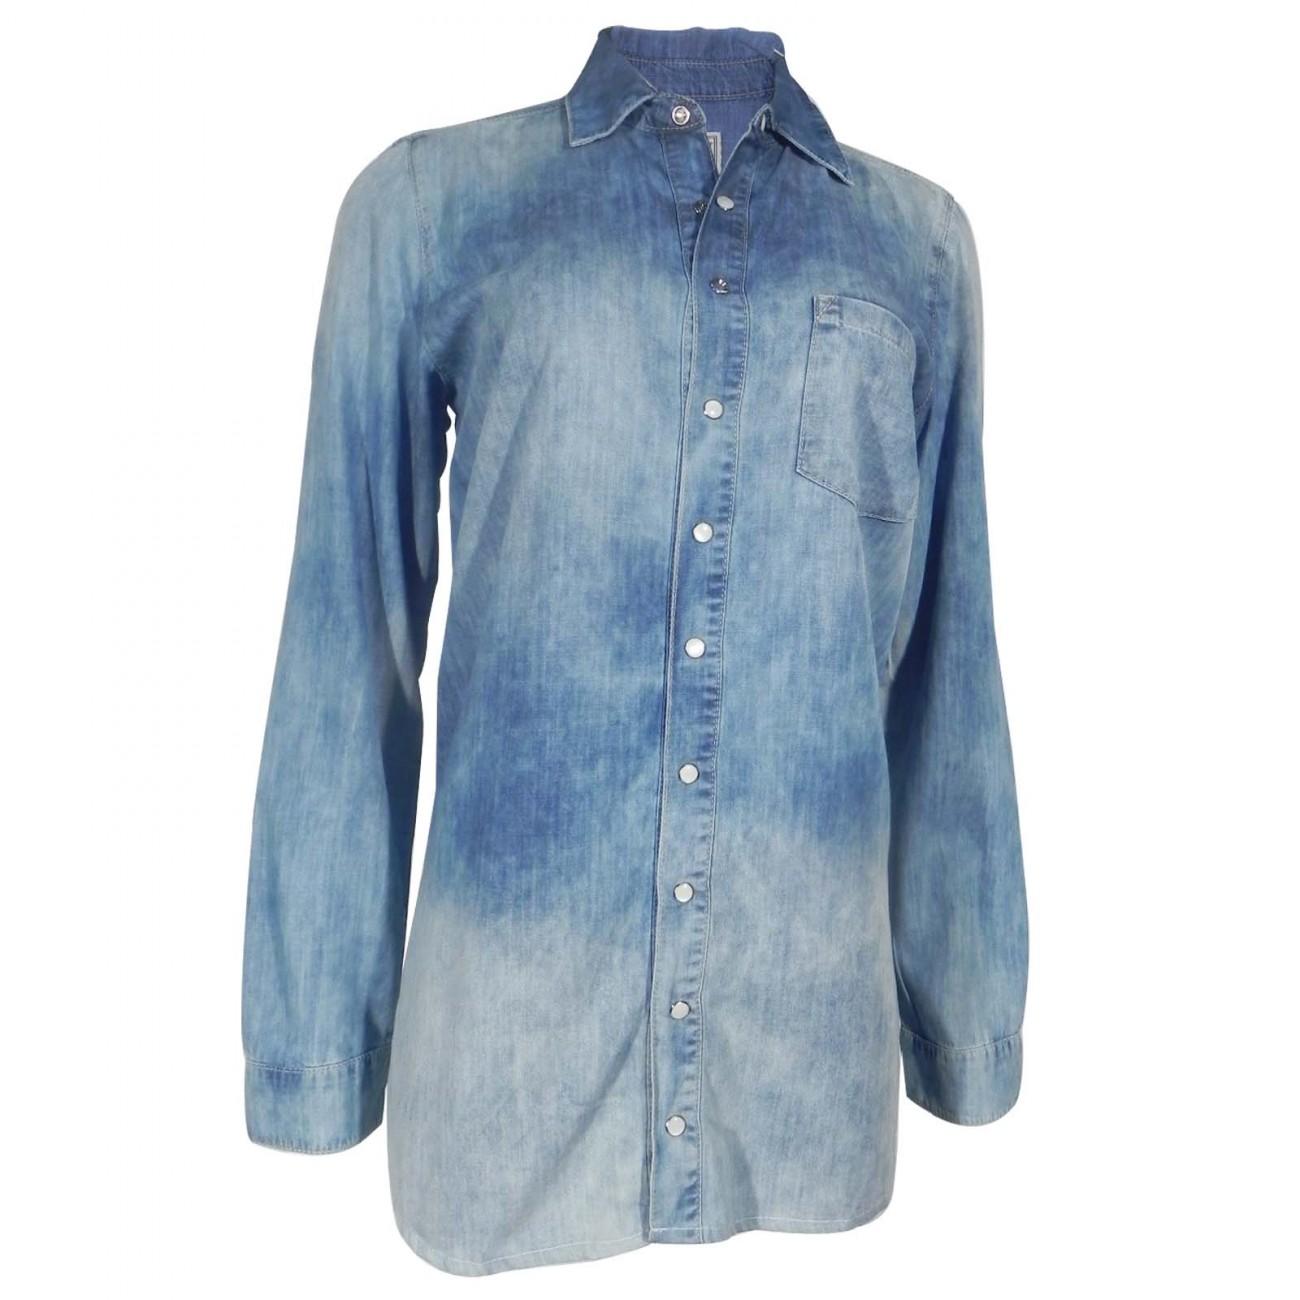 ae59a2545 Camisa Feminina de Jeans Lez a Lez - Pole Modas